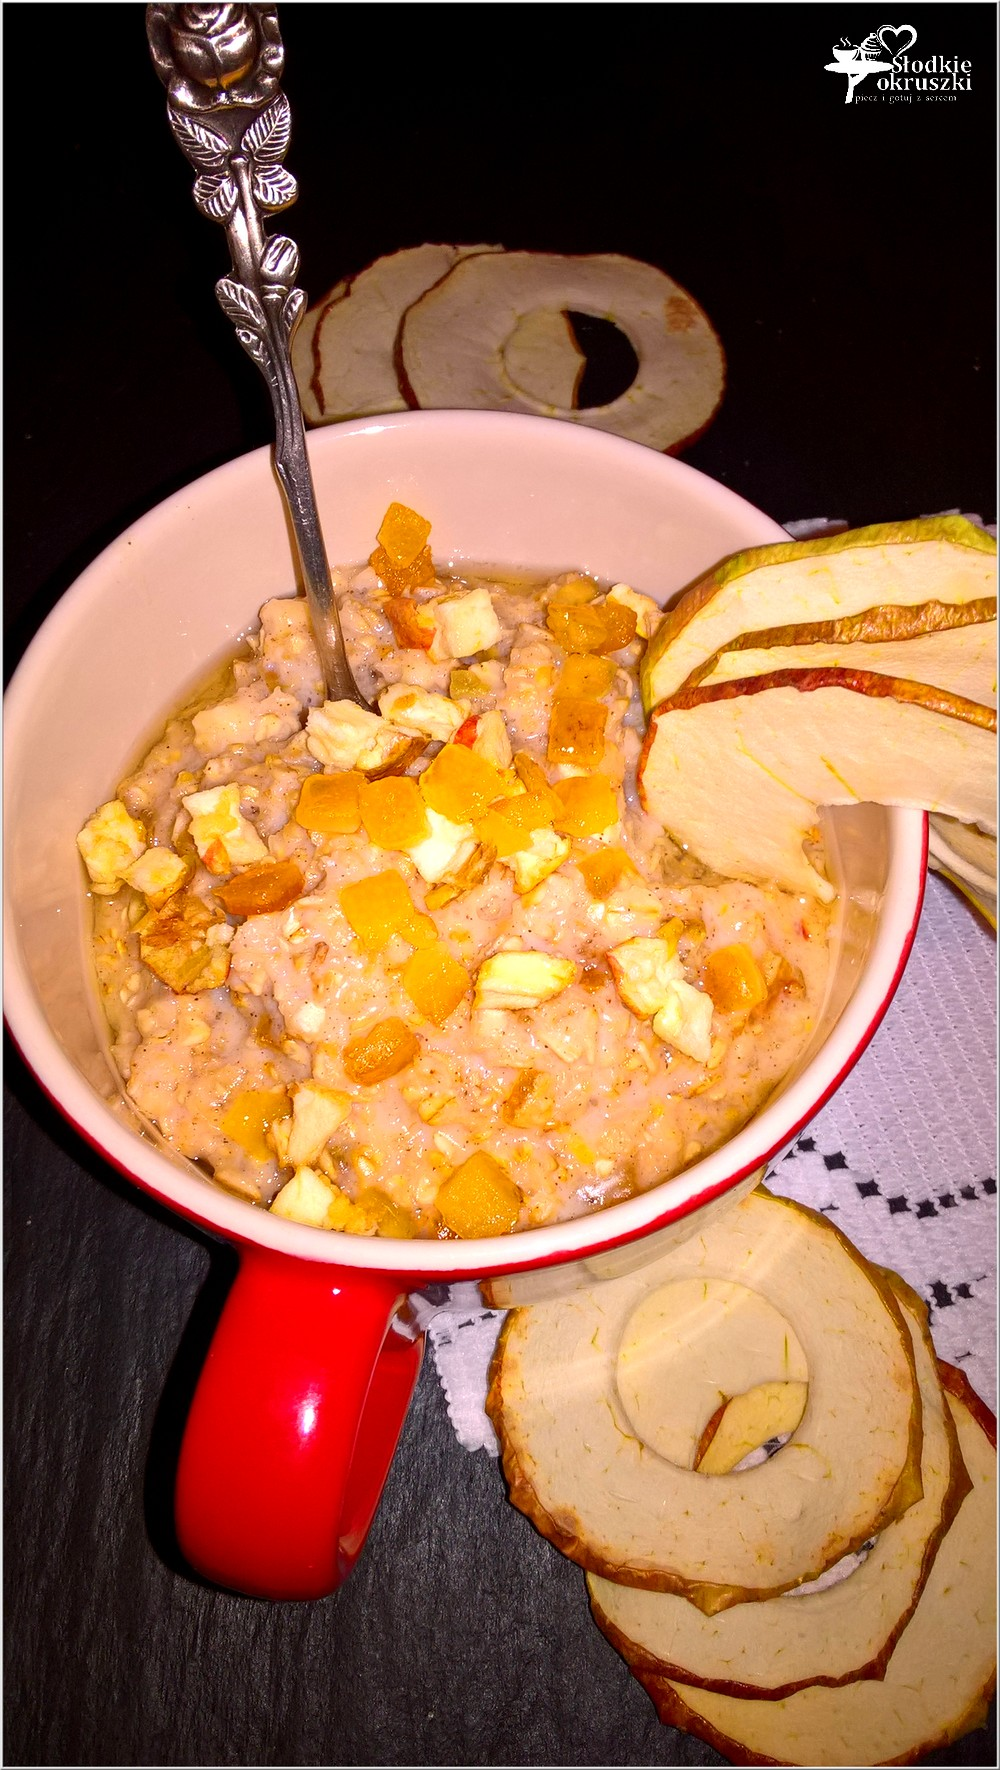 cynamonowa-owsianka-z-pomaranczowa-skorka-i-suszonymi-jablkami